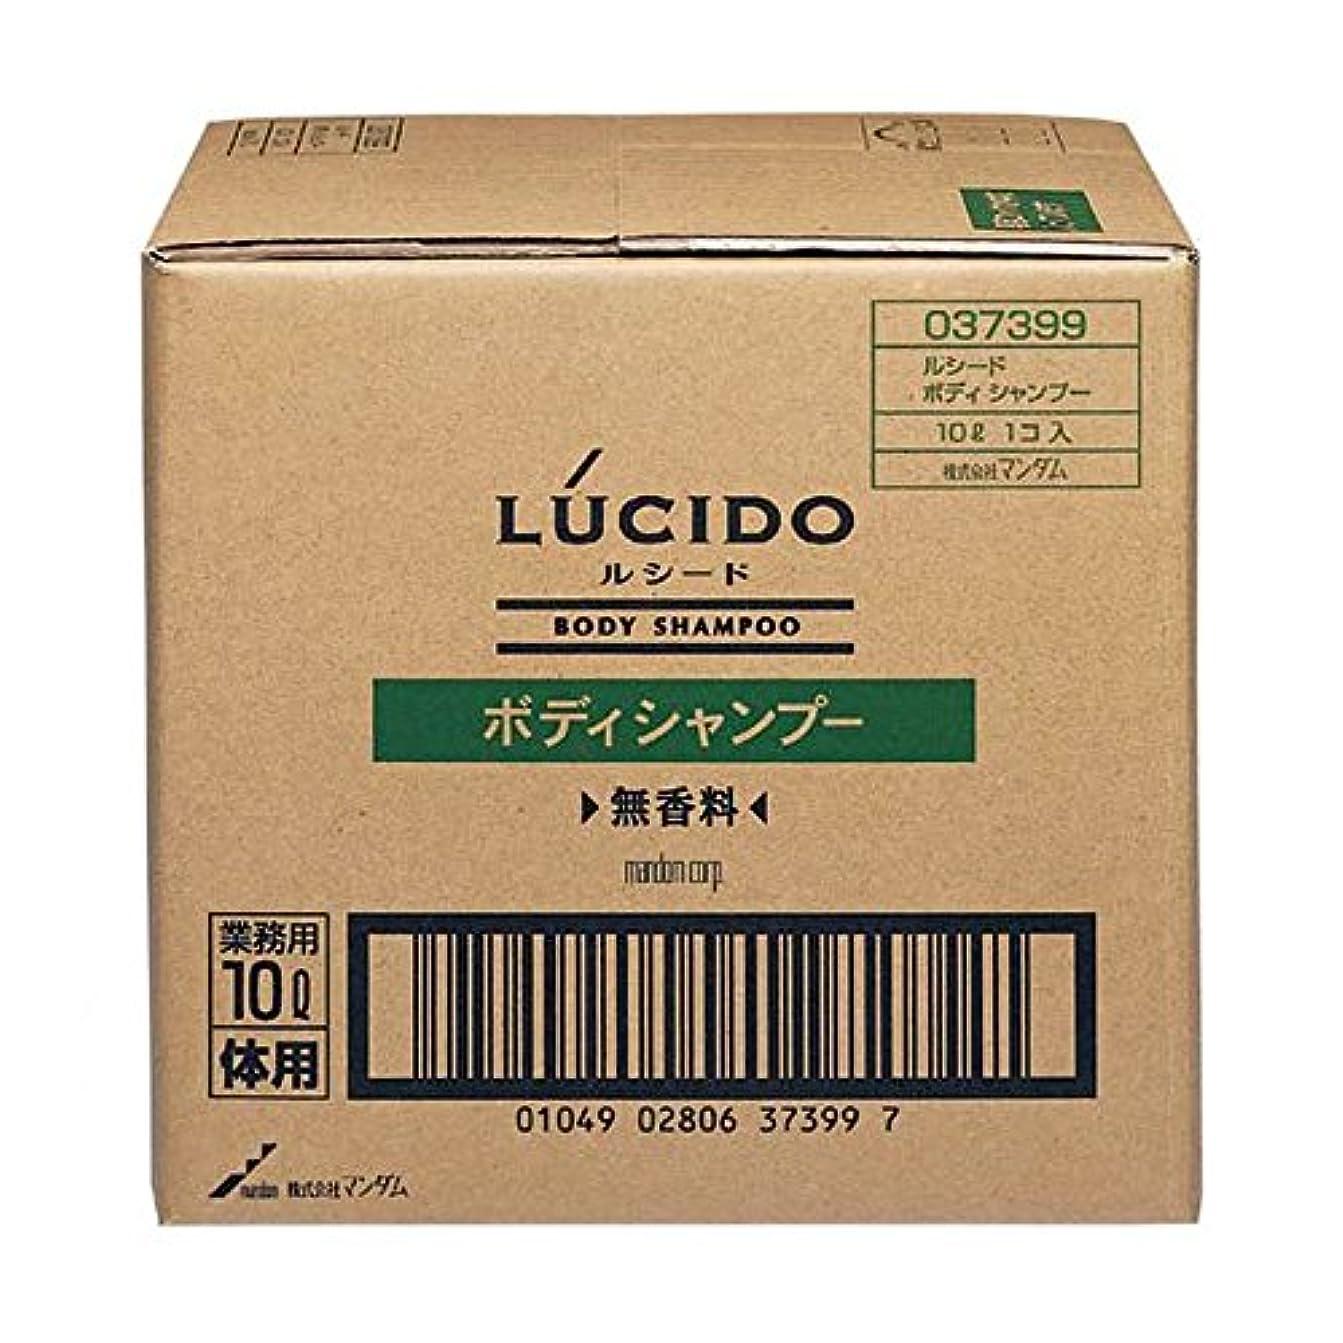 ではごきげんよう野なニコチンマンダム ルシード ボディシャンプー 10L